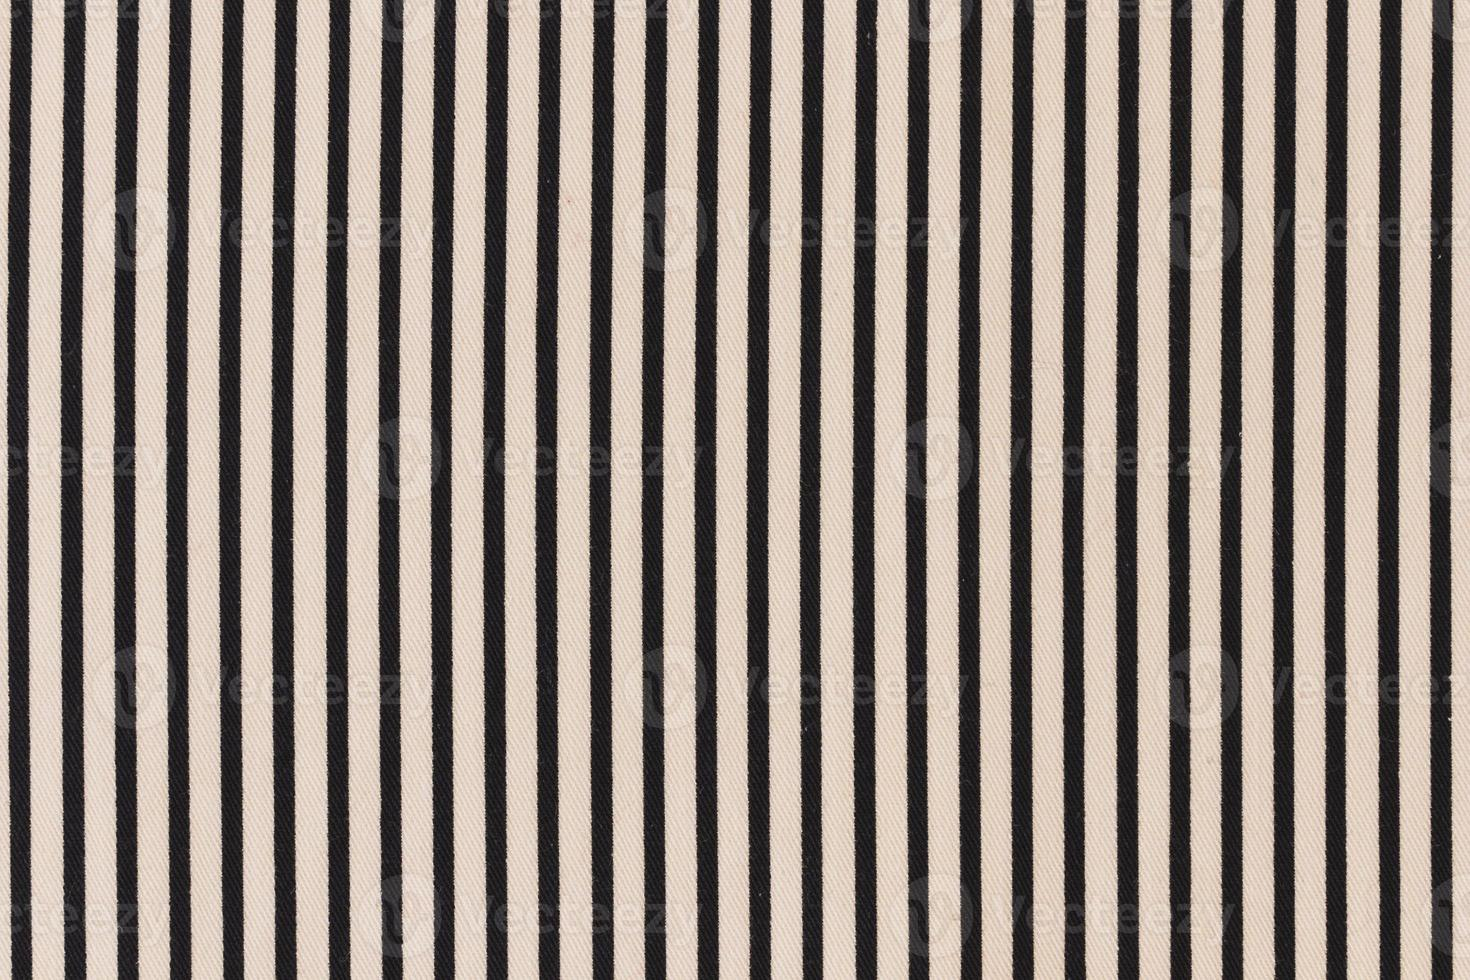 zwart gestreept patroon crème achtergrond foto